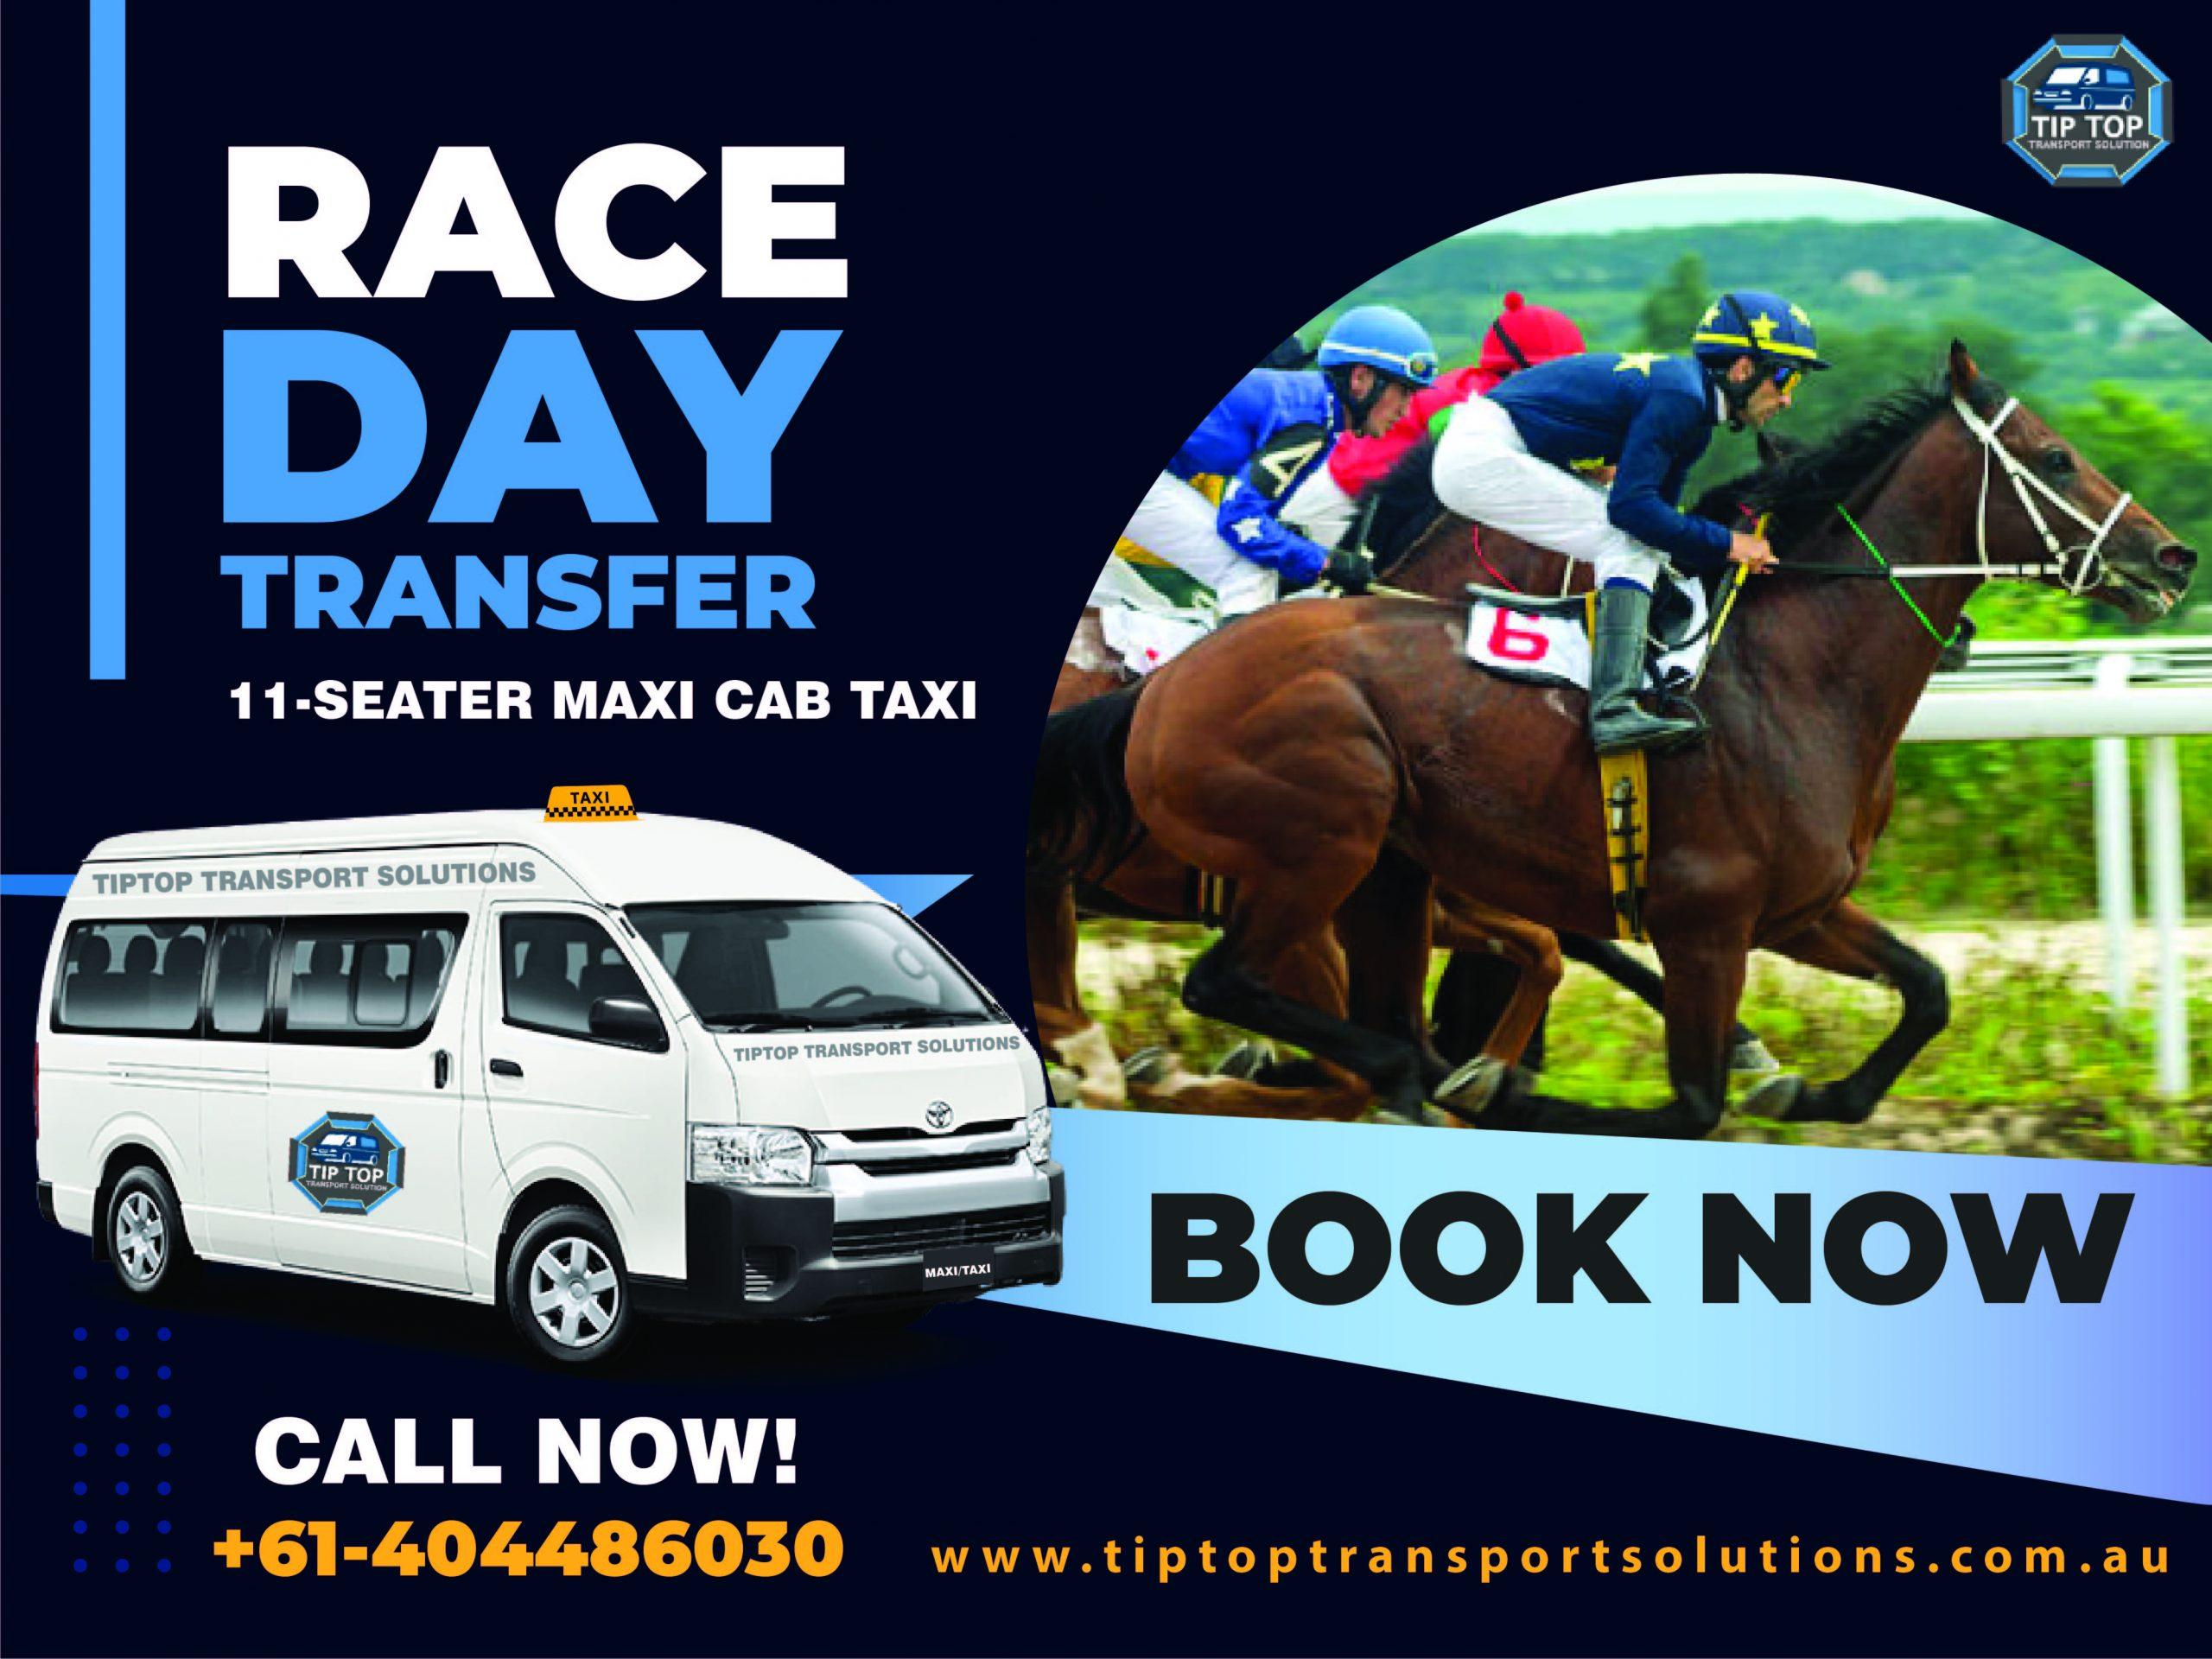 RACE DAY TRANSFER SYDNEY